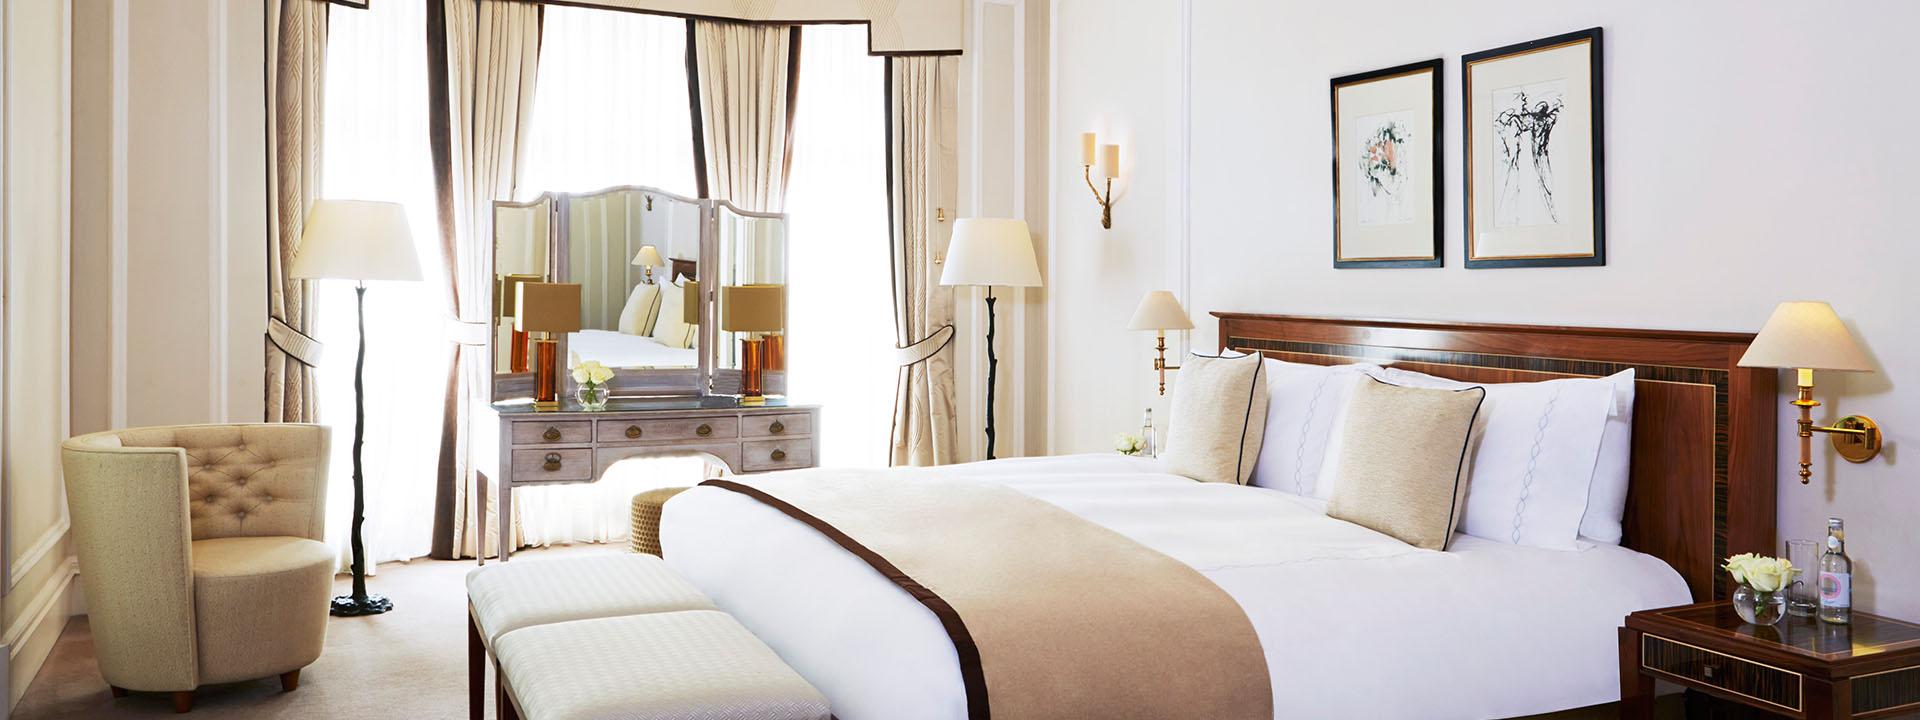 Mivart Suite Bedroom